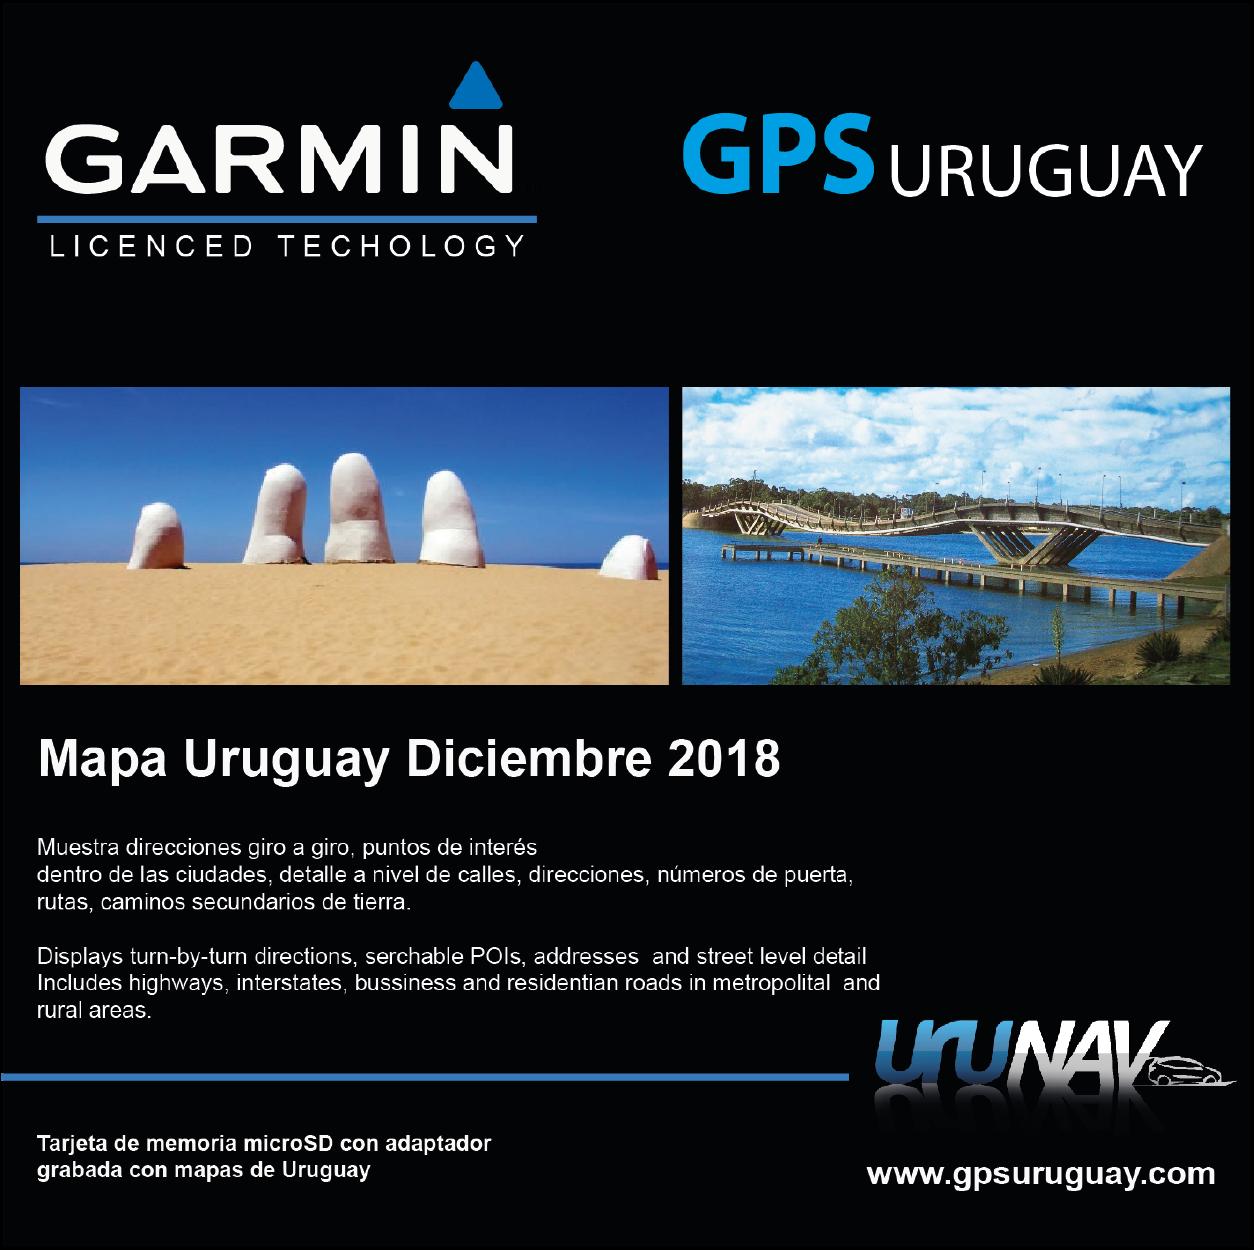 Urunav Mapa Uruguay